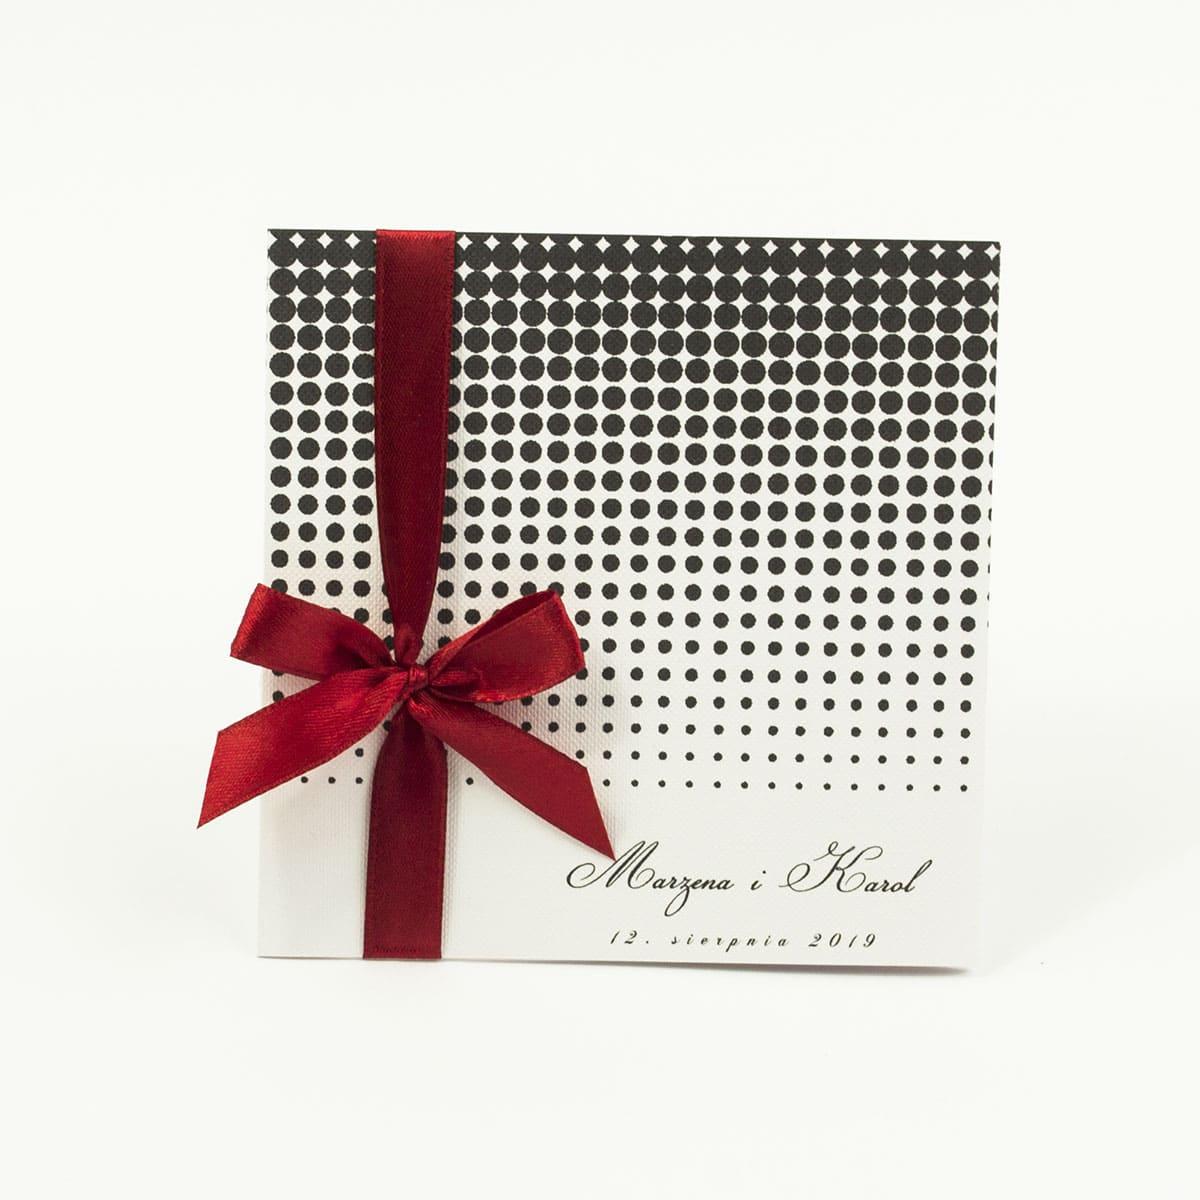 Urocze zaproszenia ślubne z czanymi kropkami w różnych rozmiarach na białym tle oraz czerwoną wstążką. ZAP-81-04